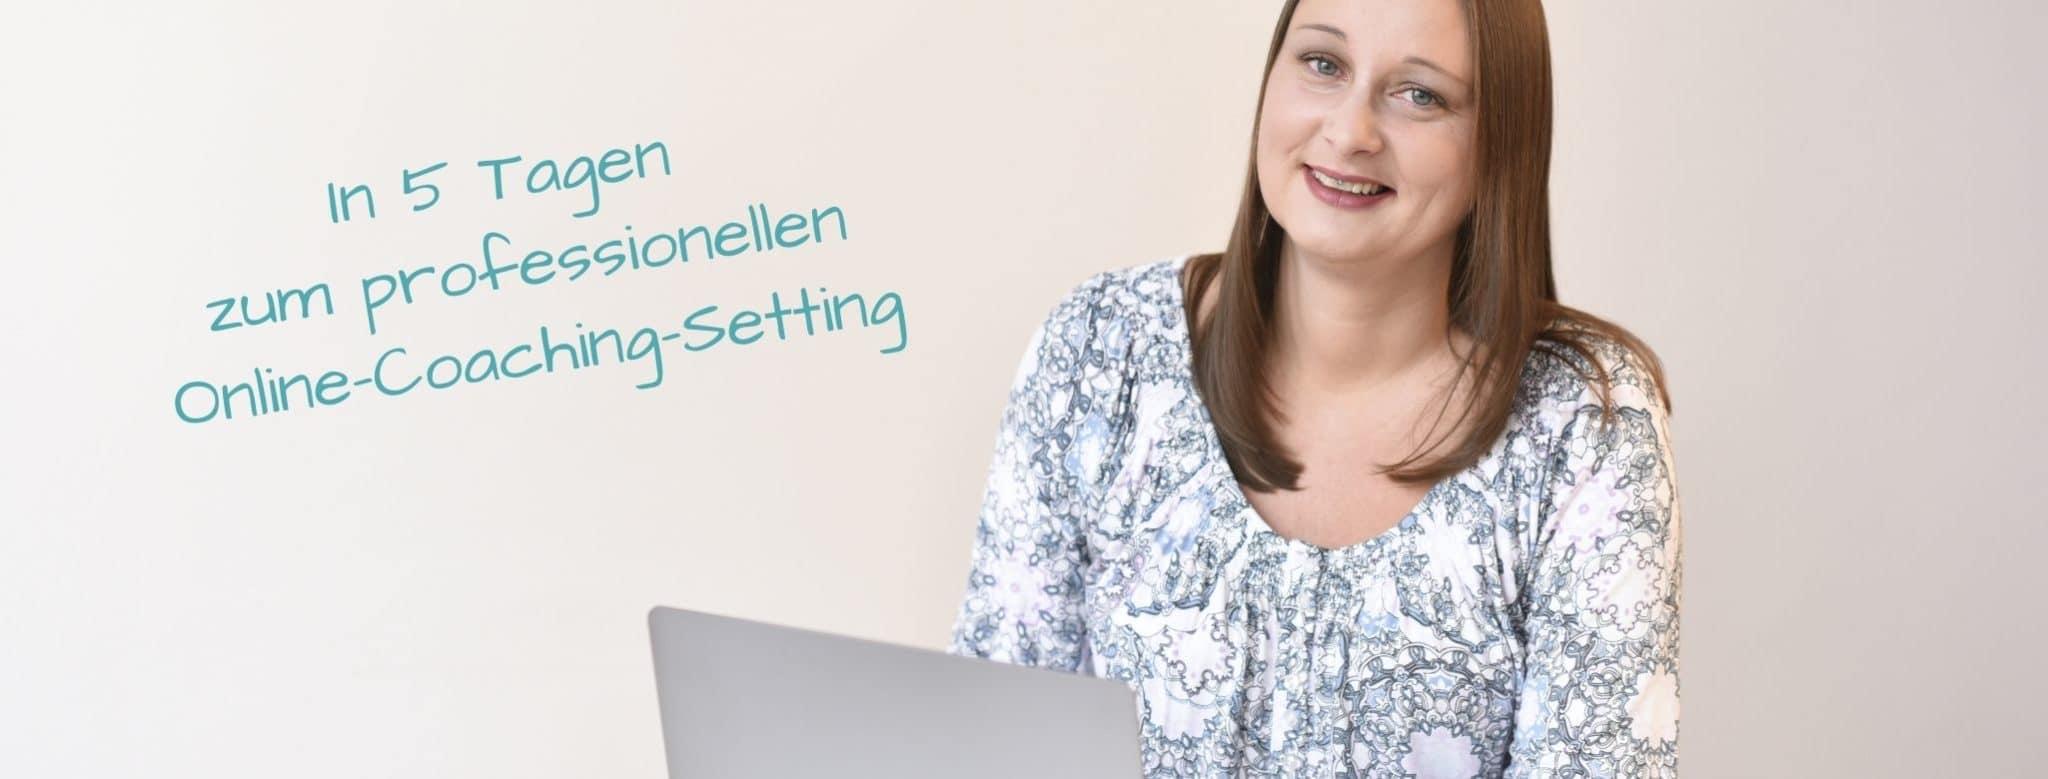 """GRATIS Online-Kurs Online-Coaching GRATIS Minikurs""""In 5 Tagen zum professionellen Online-Coaching-Setting"""""""